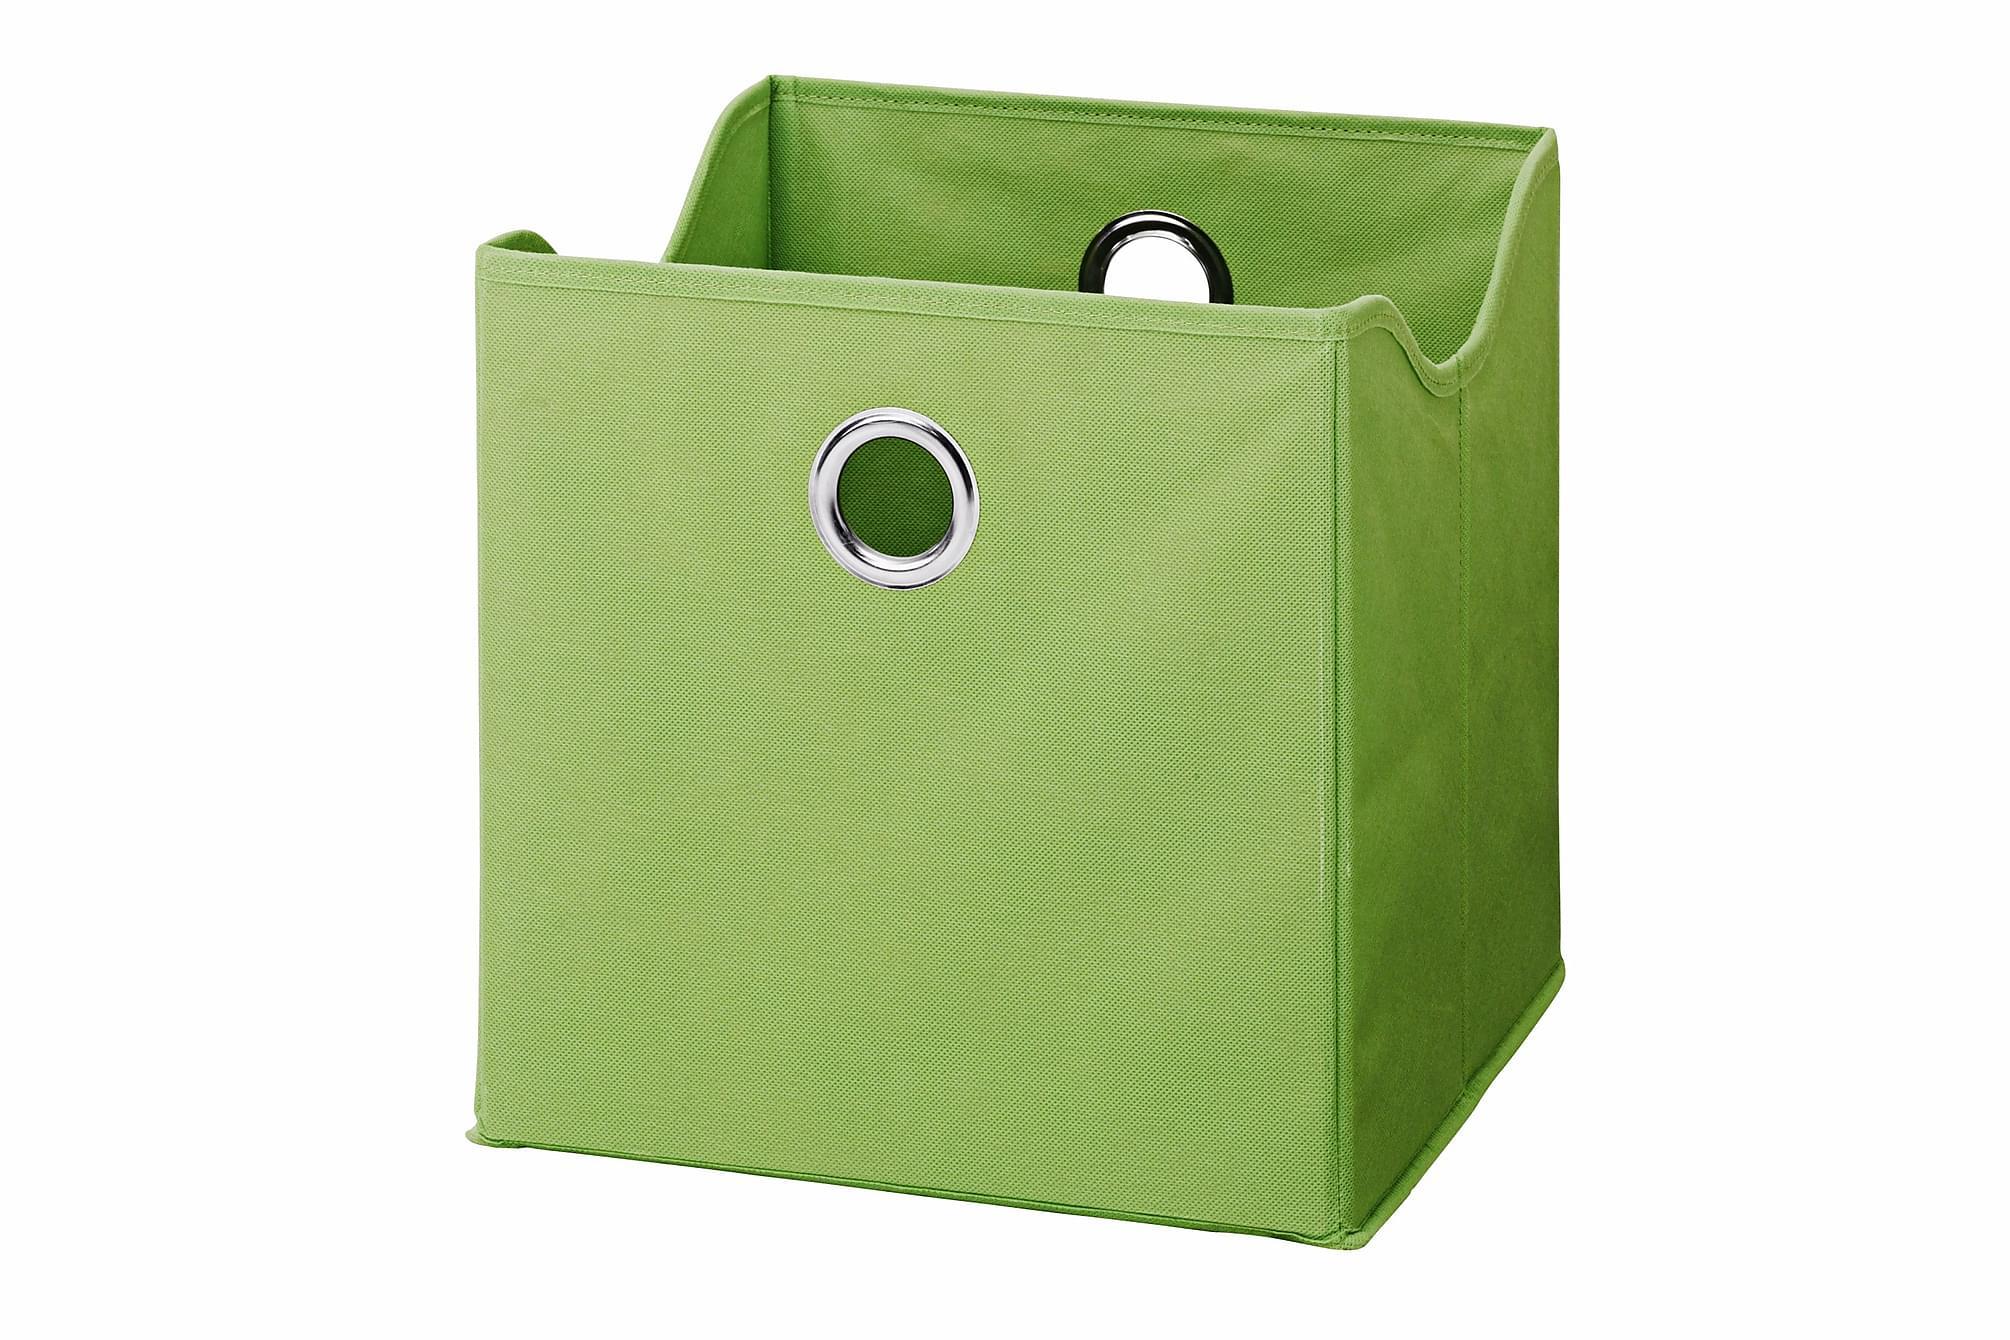 CARACAS Förvaringsbox 9-pack Grön, Småförvaring